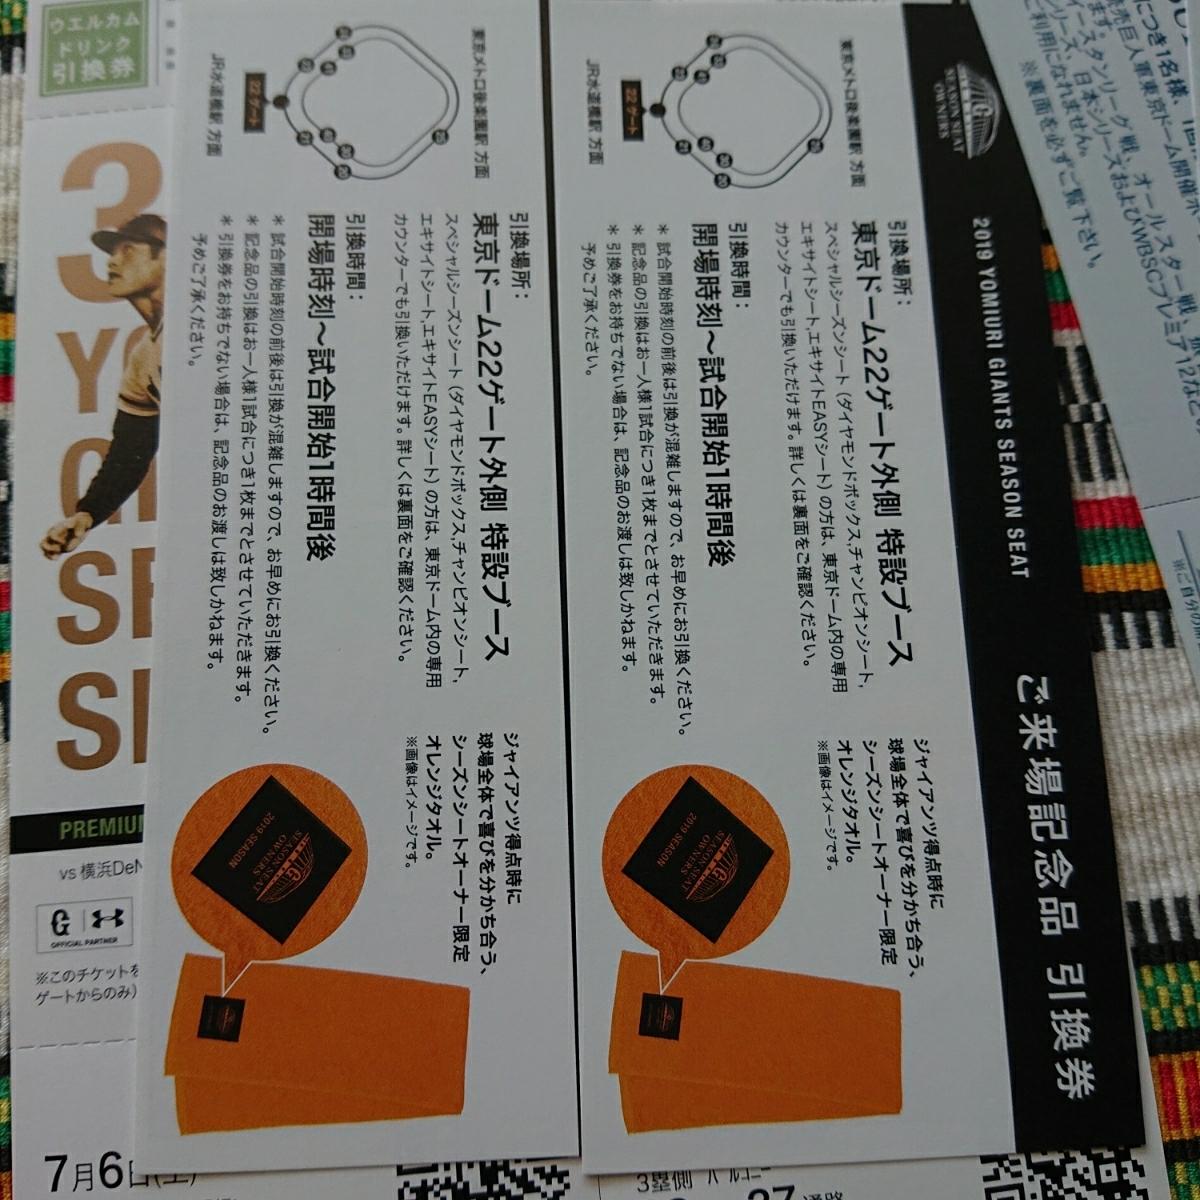 巨人VS横浜 7月6日土曜日 ペアチケット、プレミアムラウンジ、グランドウイング ビュッフェチケット、記念品引換券付き_画像4